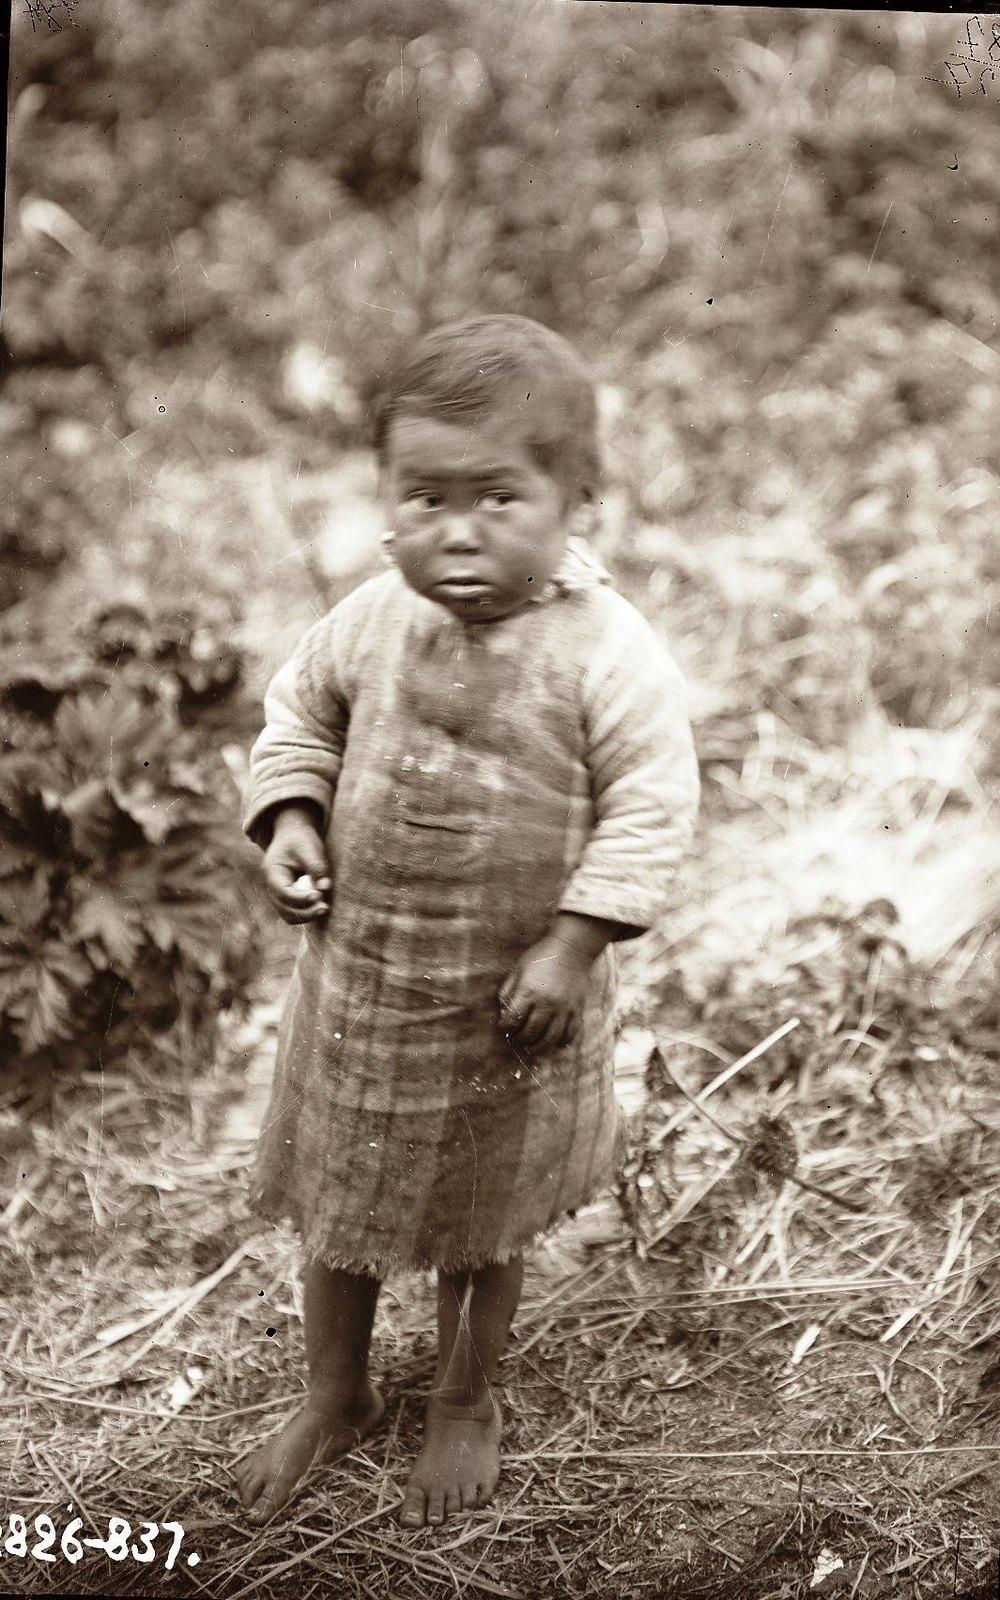 1909. Алеутский ребенок. Атту остров. 12 июня